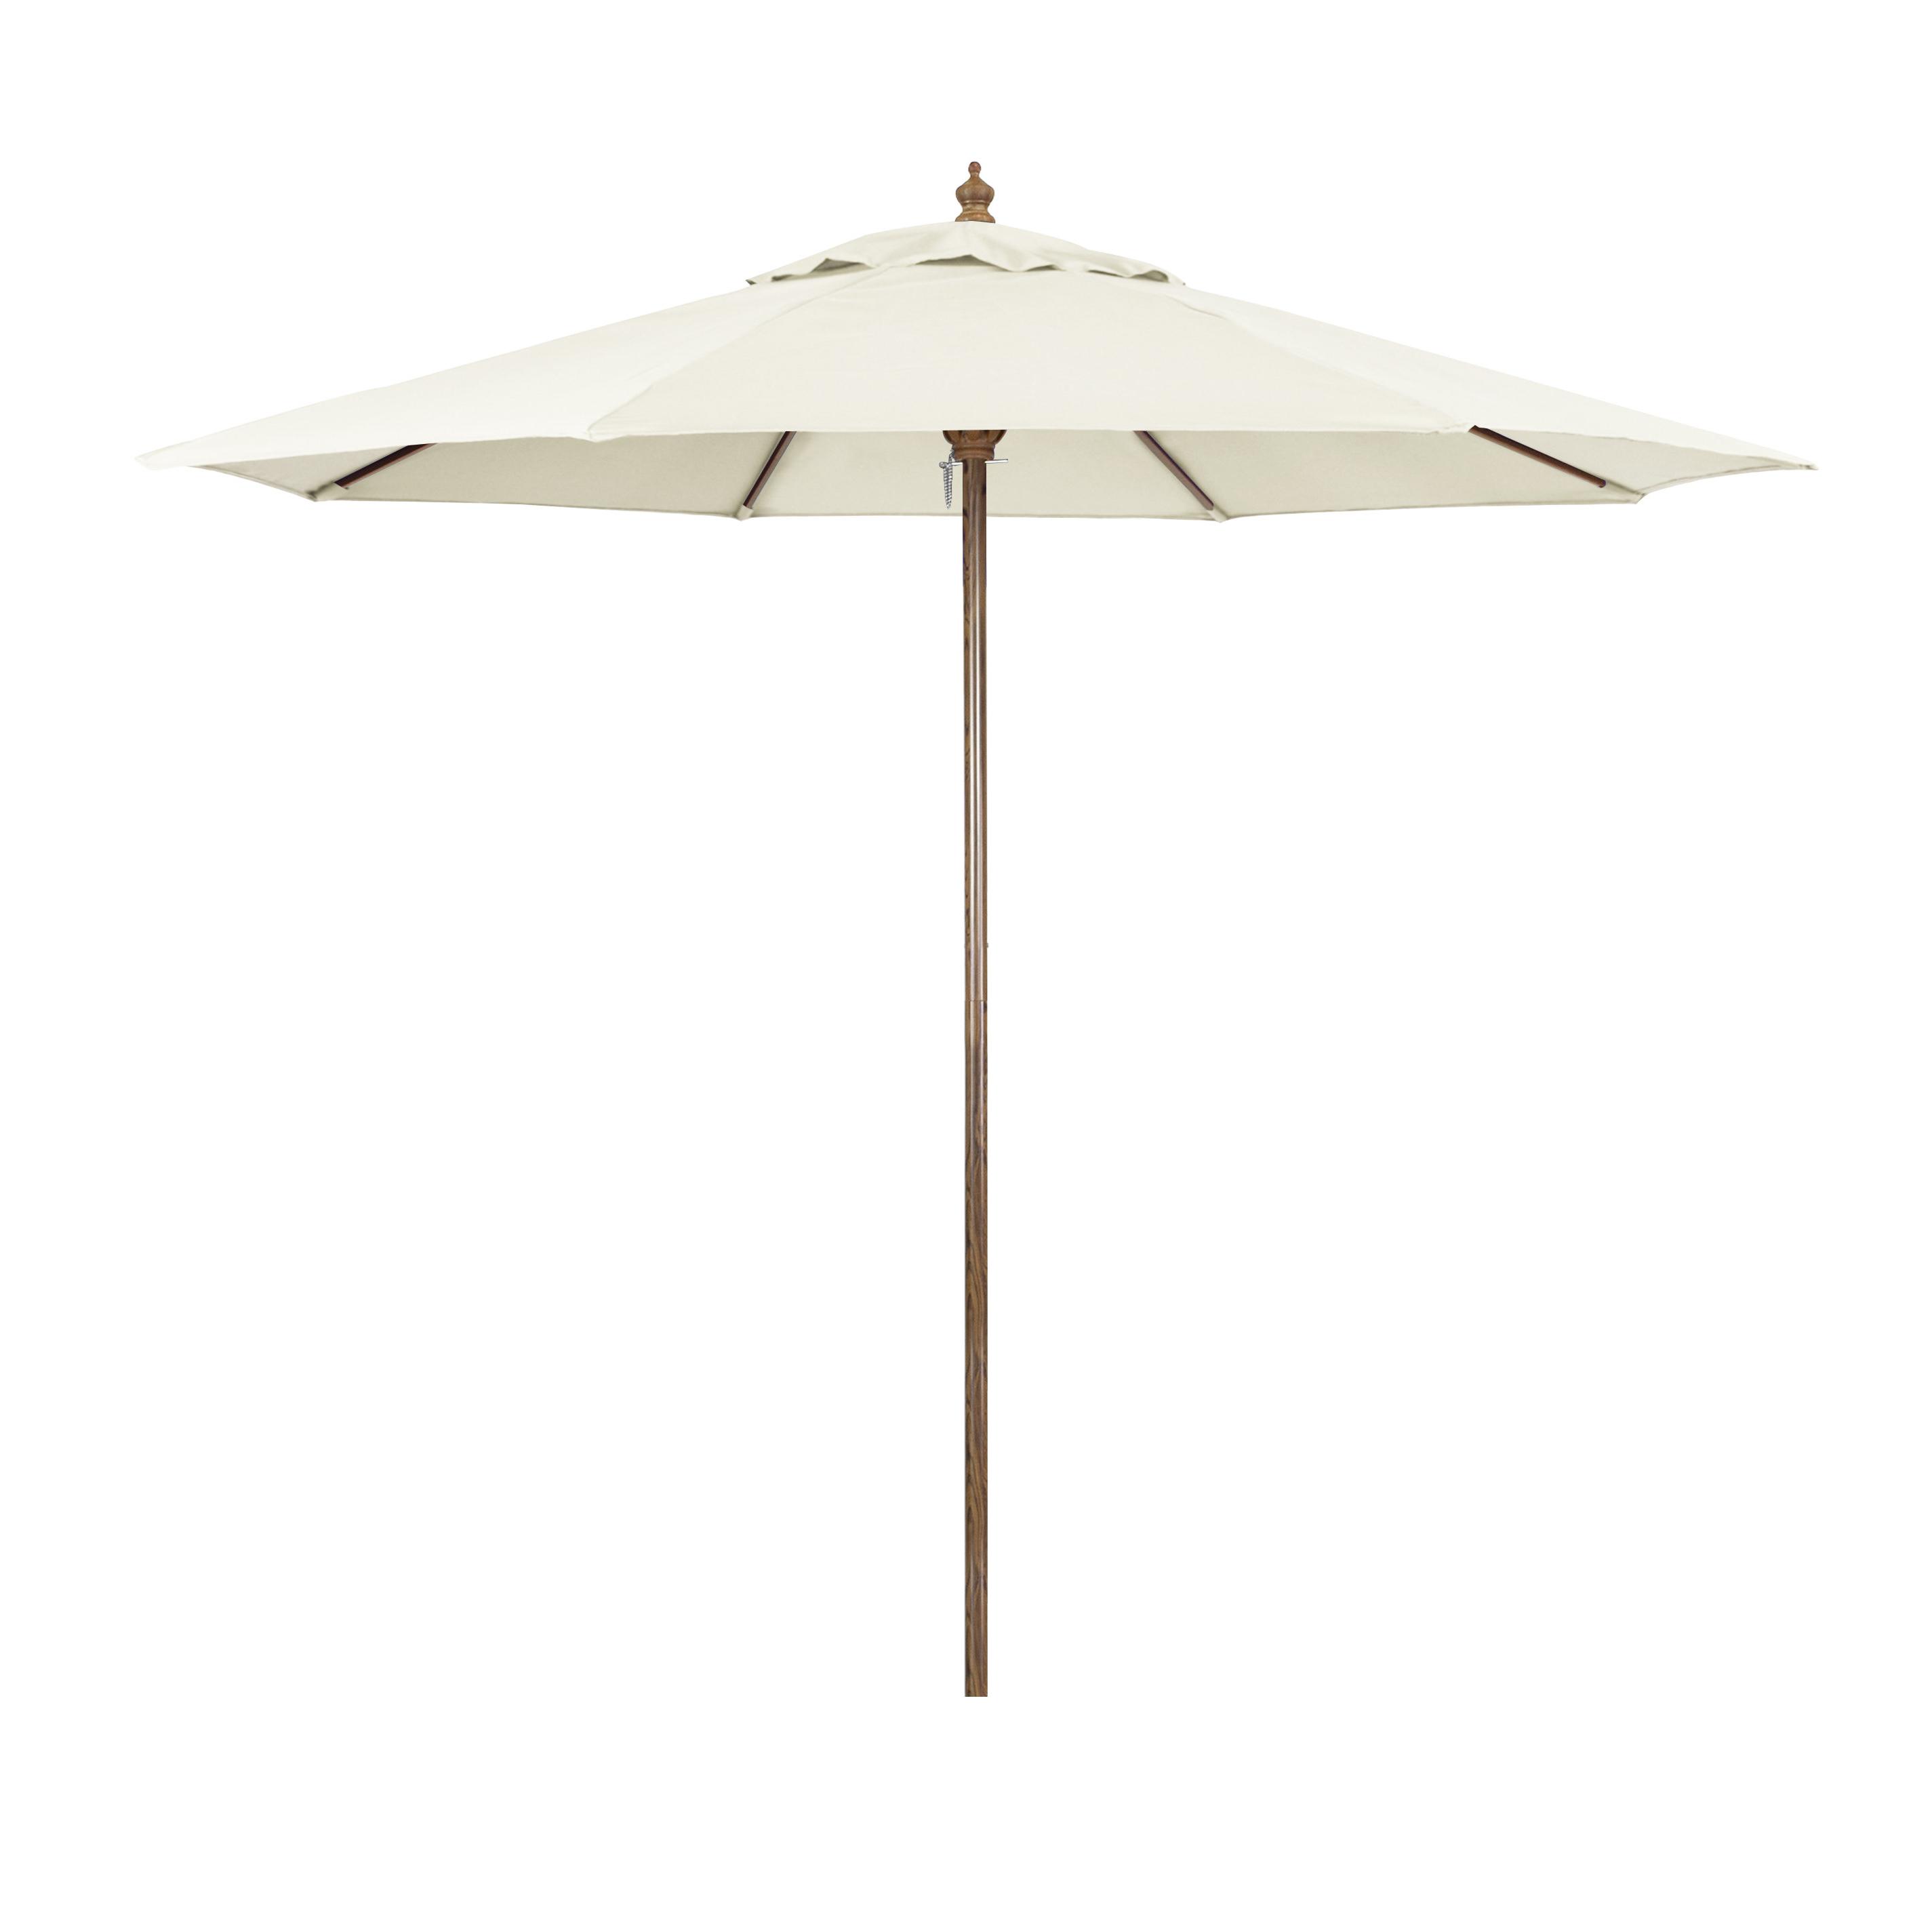 2020 Ryant 9' Market Umbrella For Delaplaine Market Umbrellas (View 5 of 20)